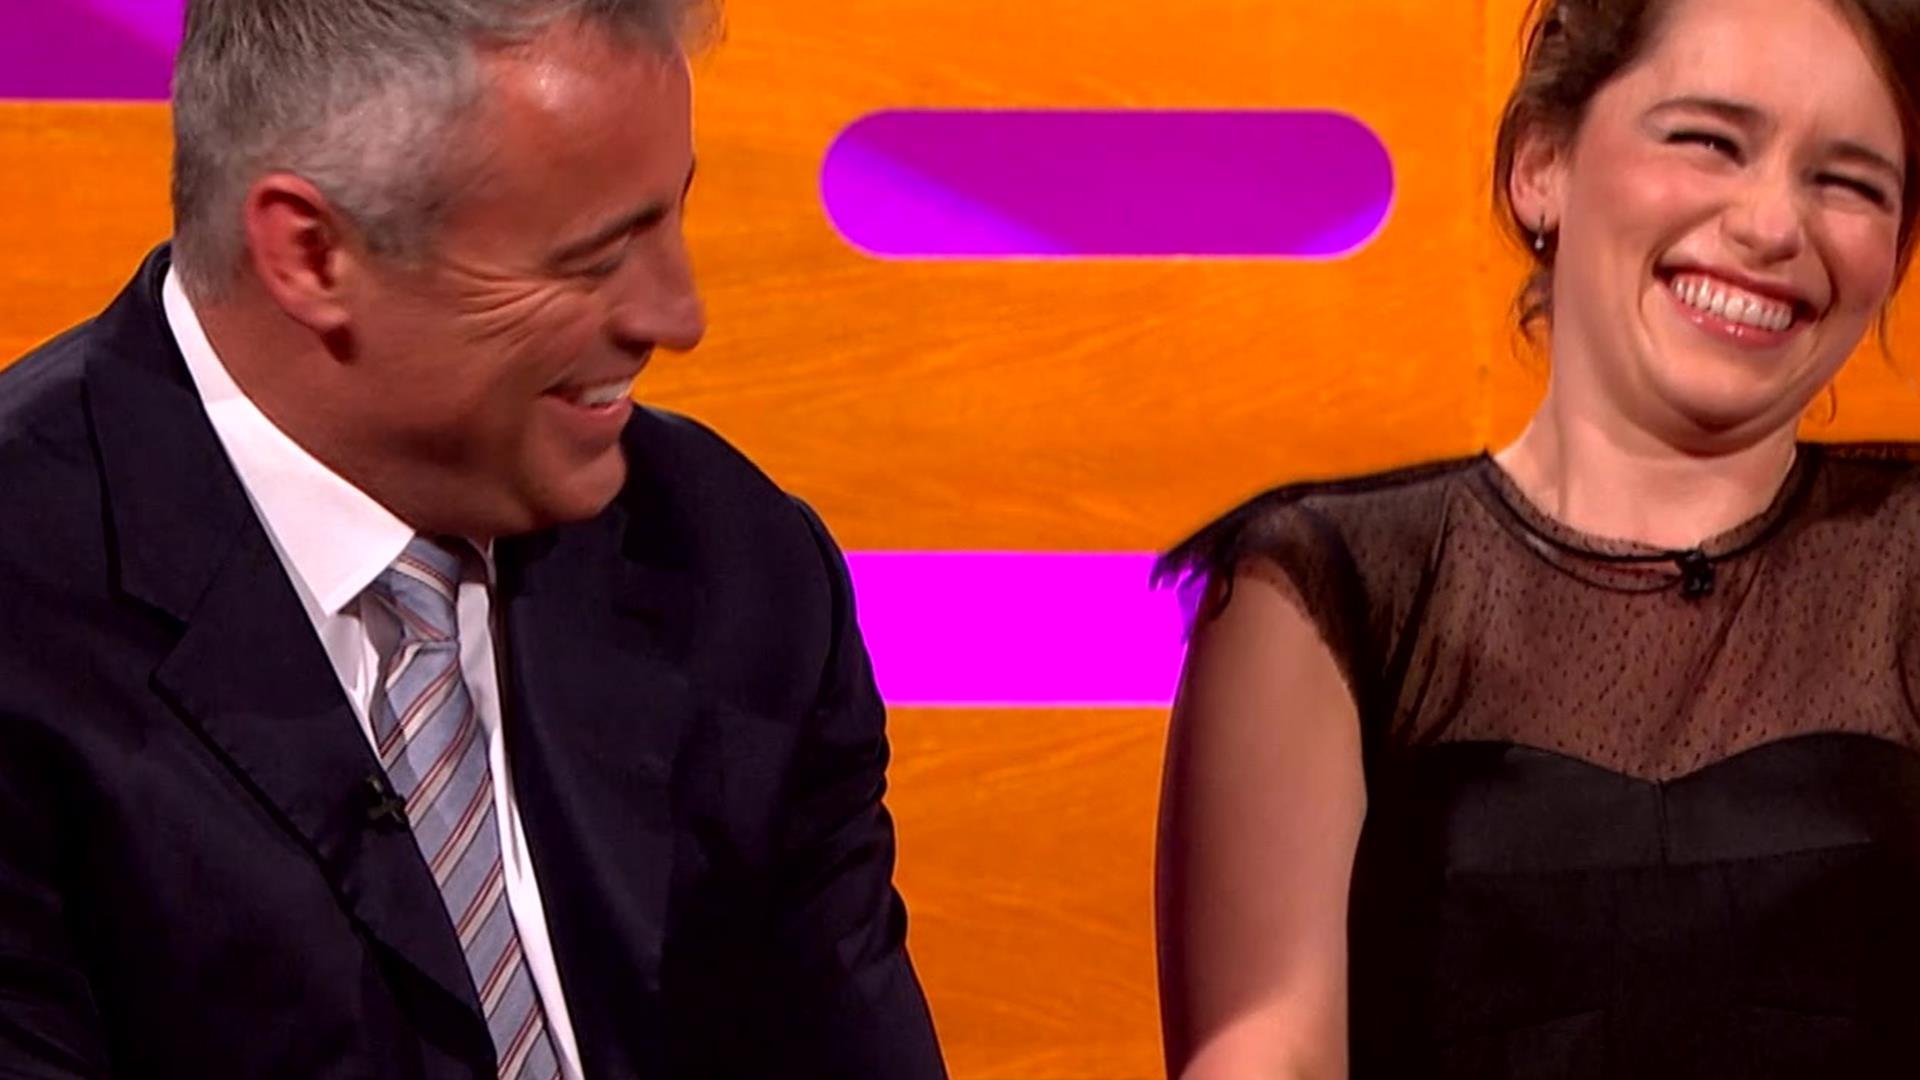 Matt LeBlanc Asks Emilia Clarke 'How You Doin'?' | The